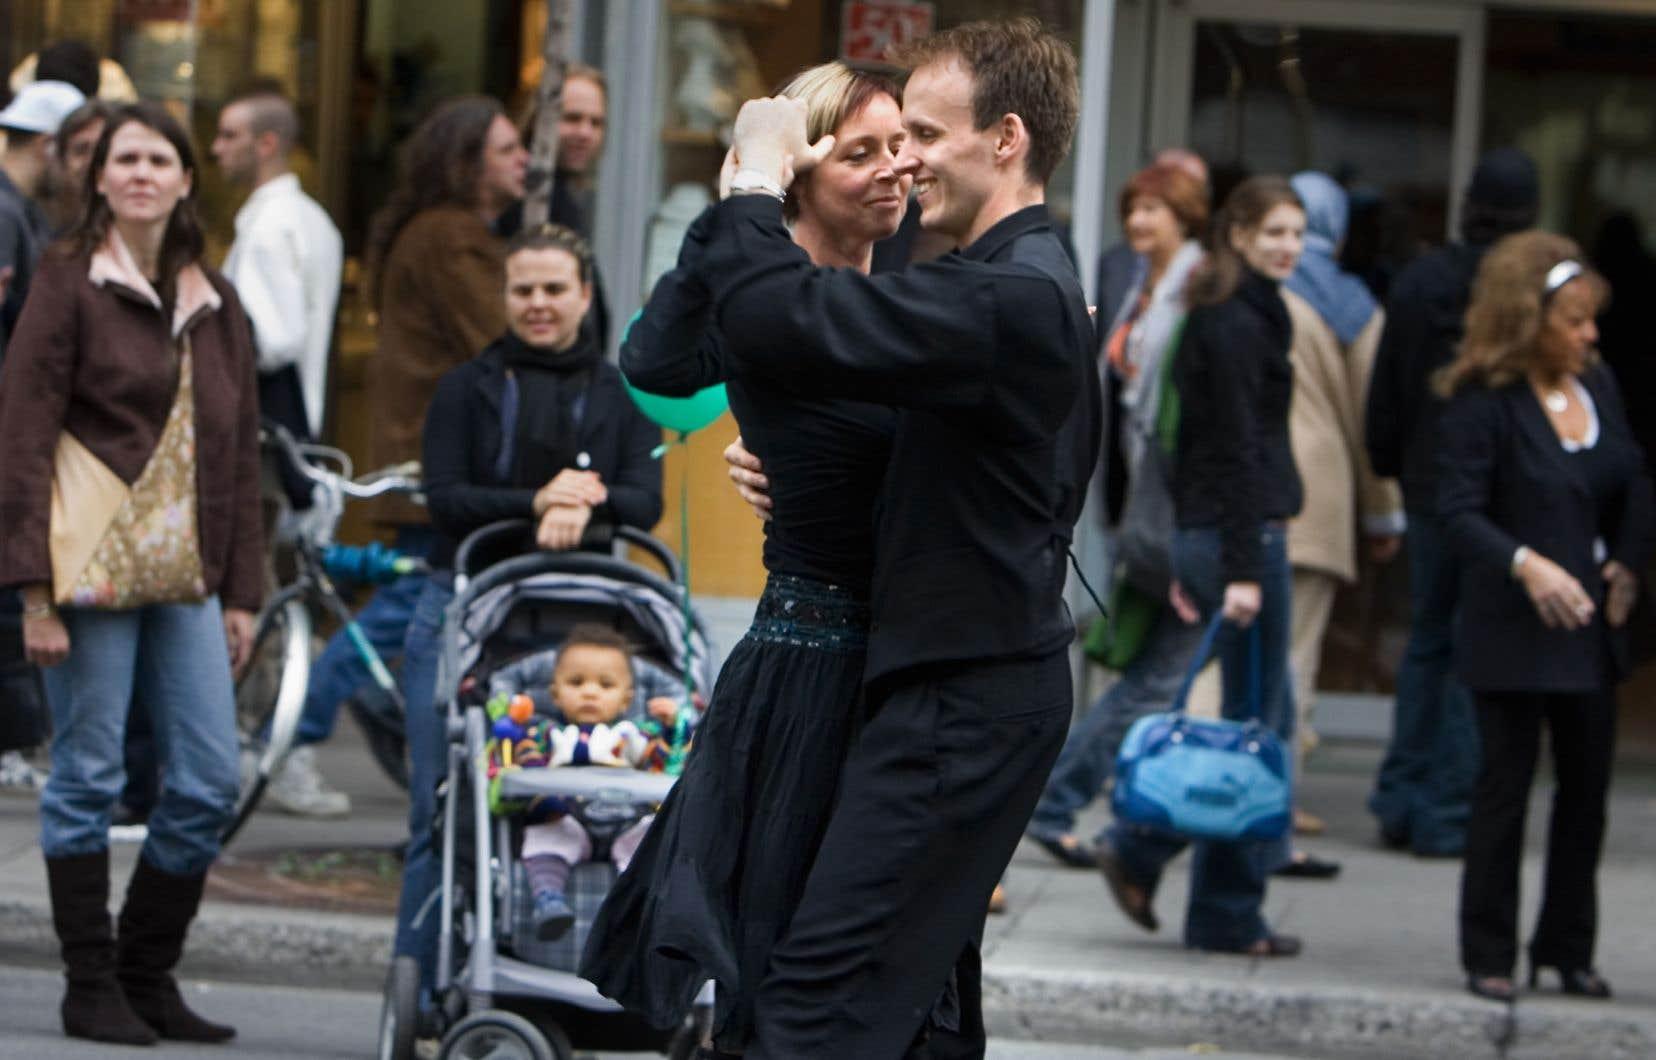 Les danseurs le savent d'expérience, depuis des lunes; la science le dit maintenant aussi: la danse favorise la socialisation, le dialogue, la gestion des émotions et le développement de l'empathie.